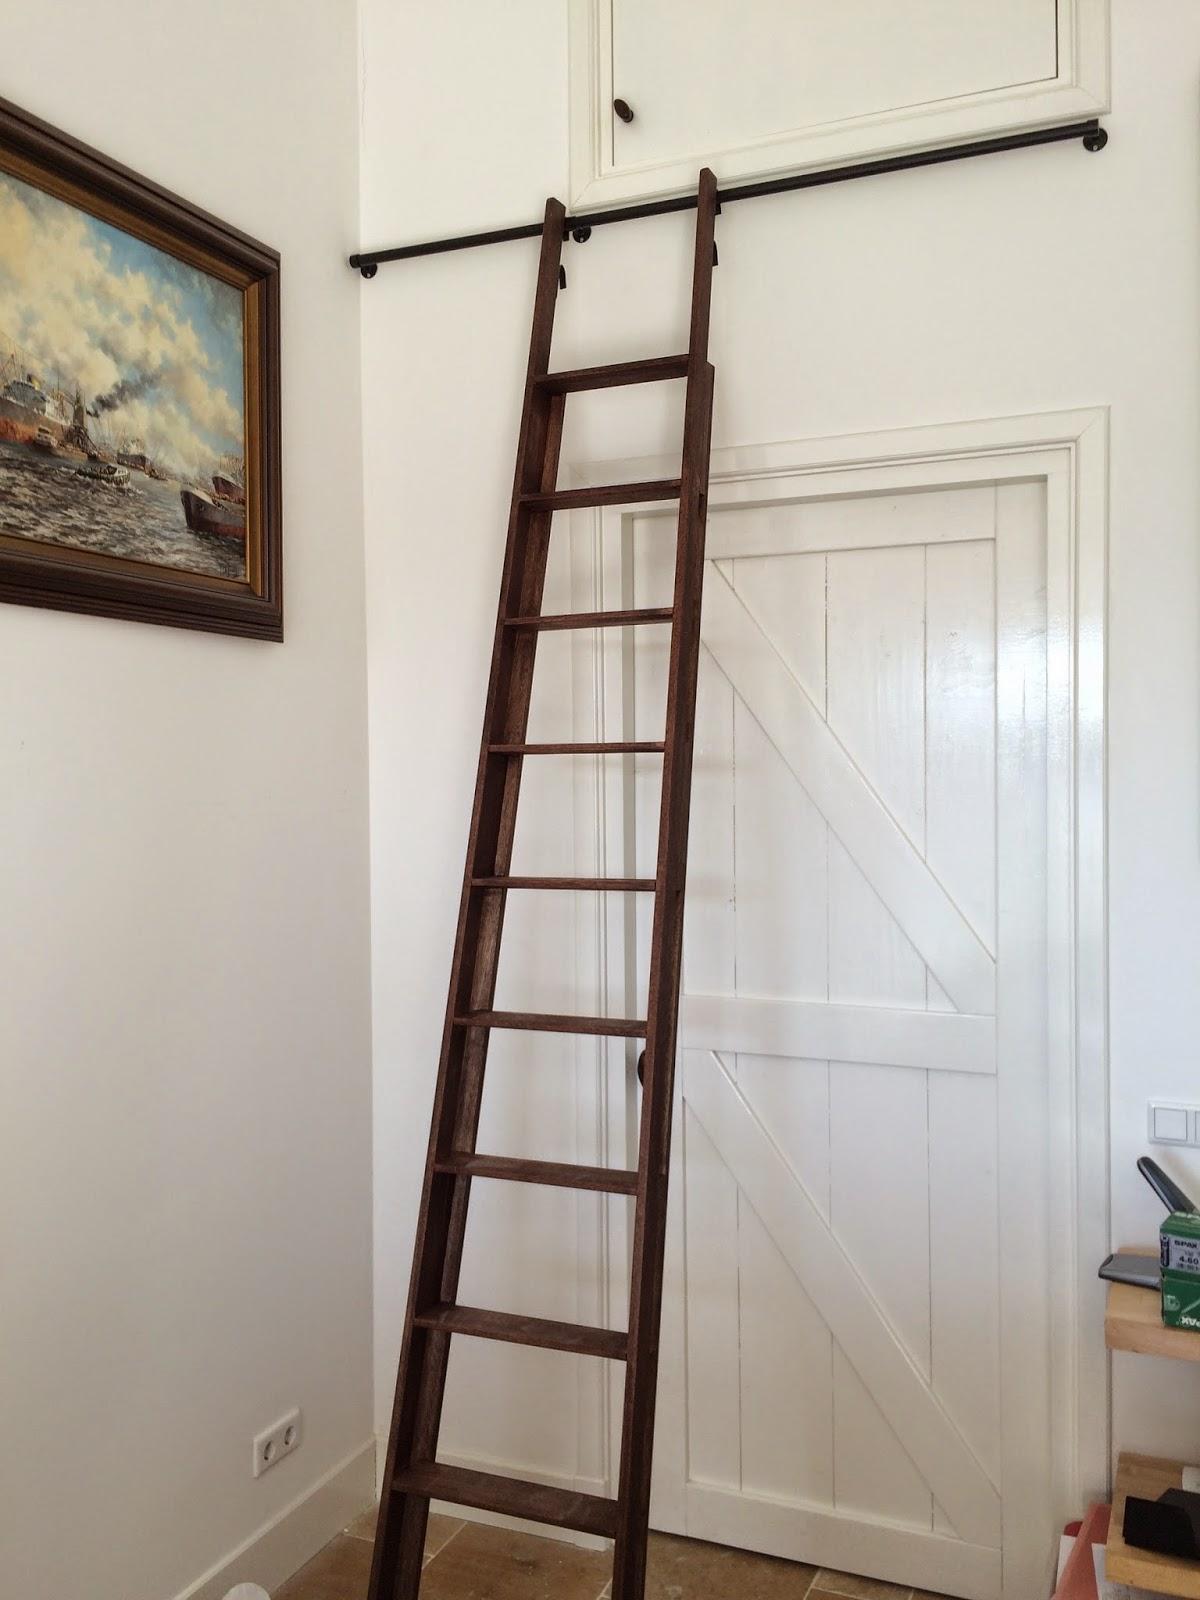 Super Boekenkast Trap Ikea | Boekenkast Ladder Ikea Trendy Best Wandrail &MH37